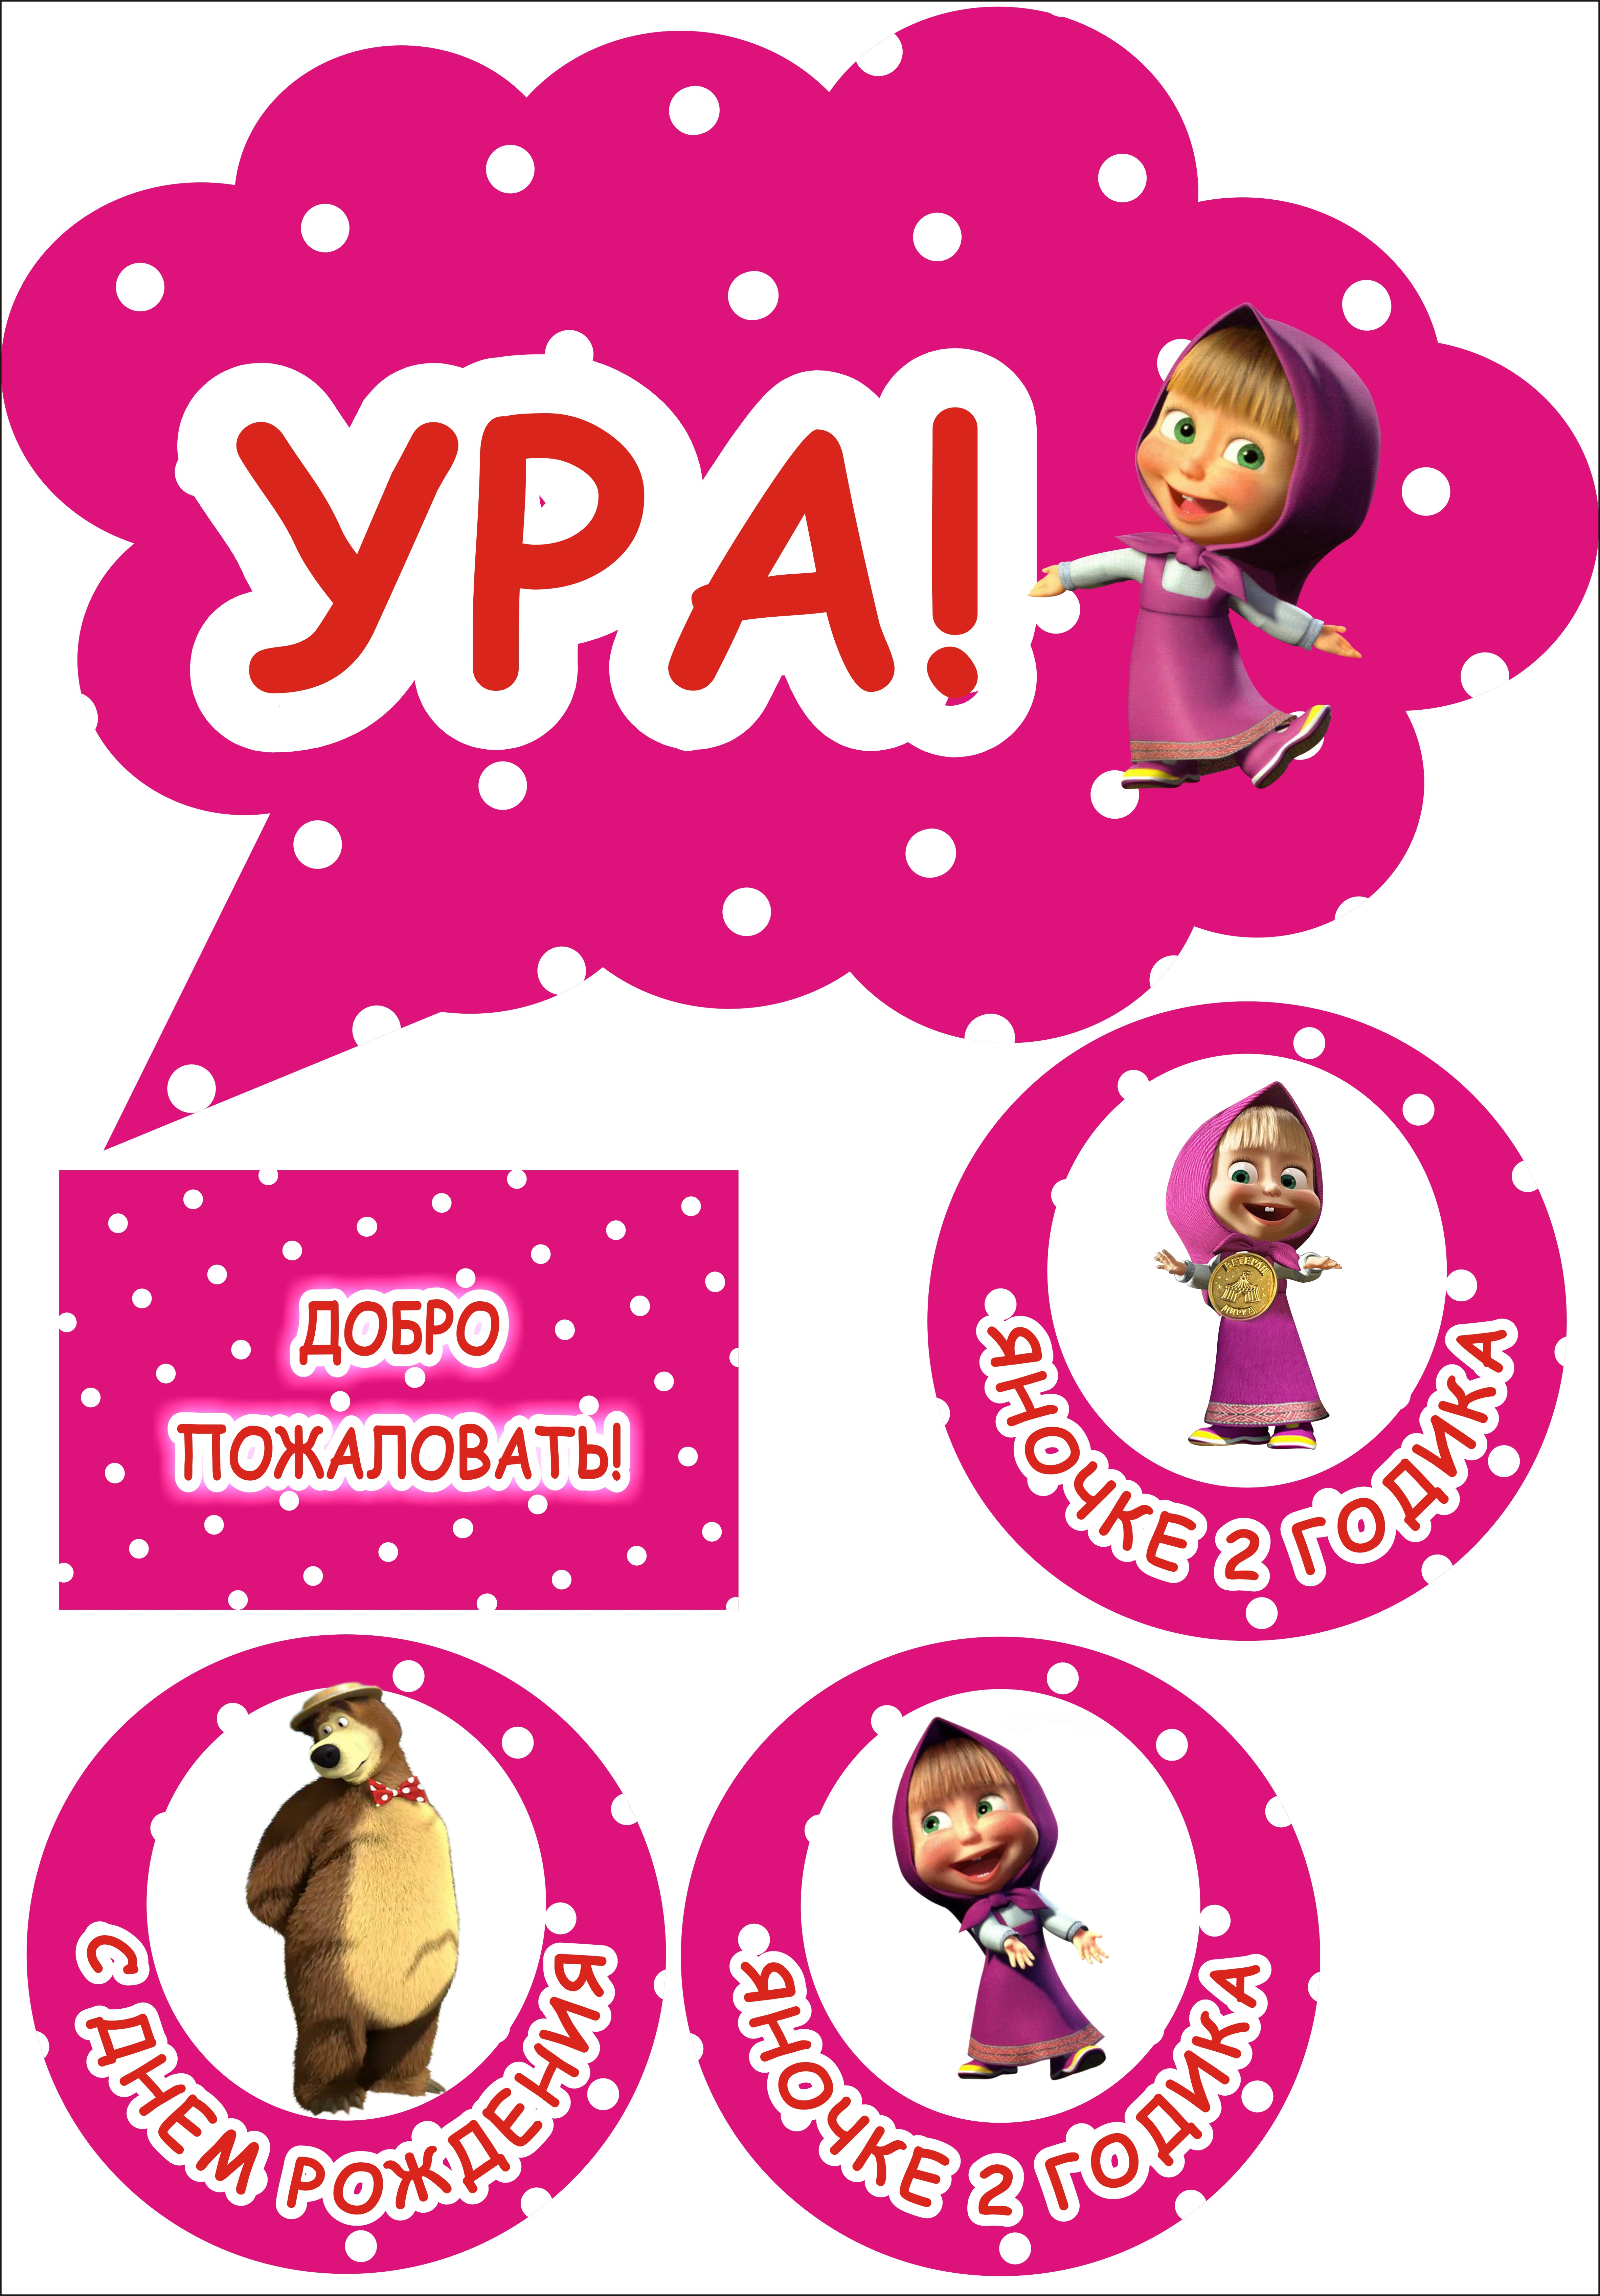 Разработка полиграфии для детского дня рождения